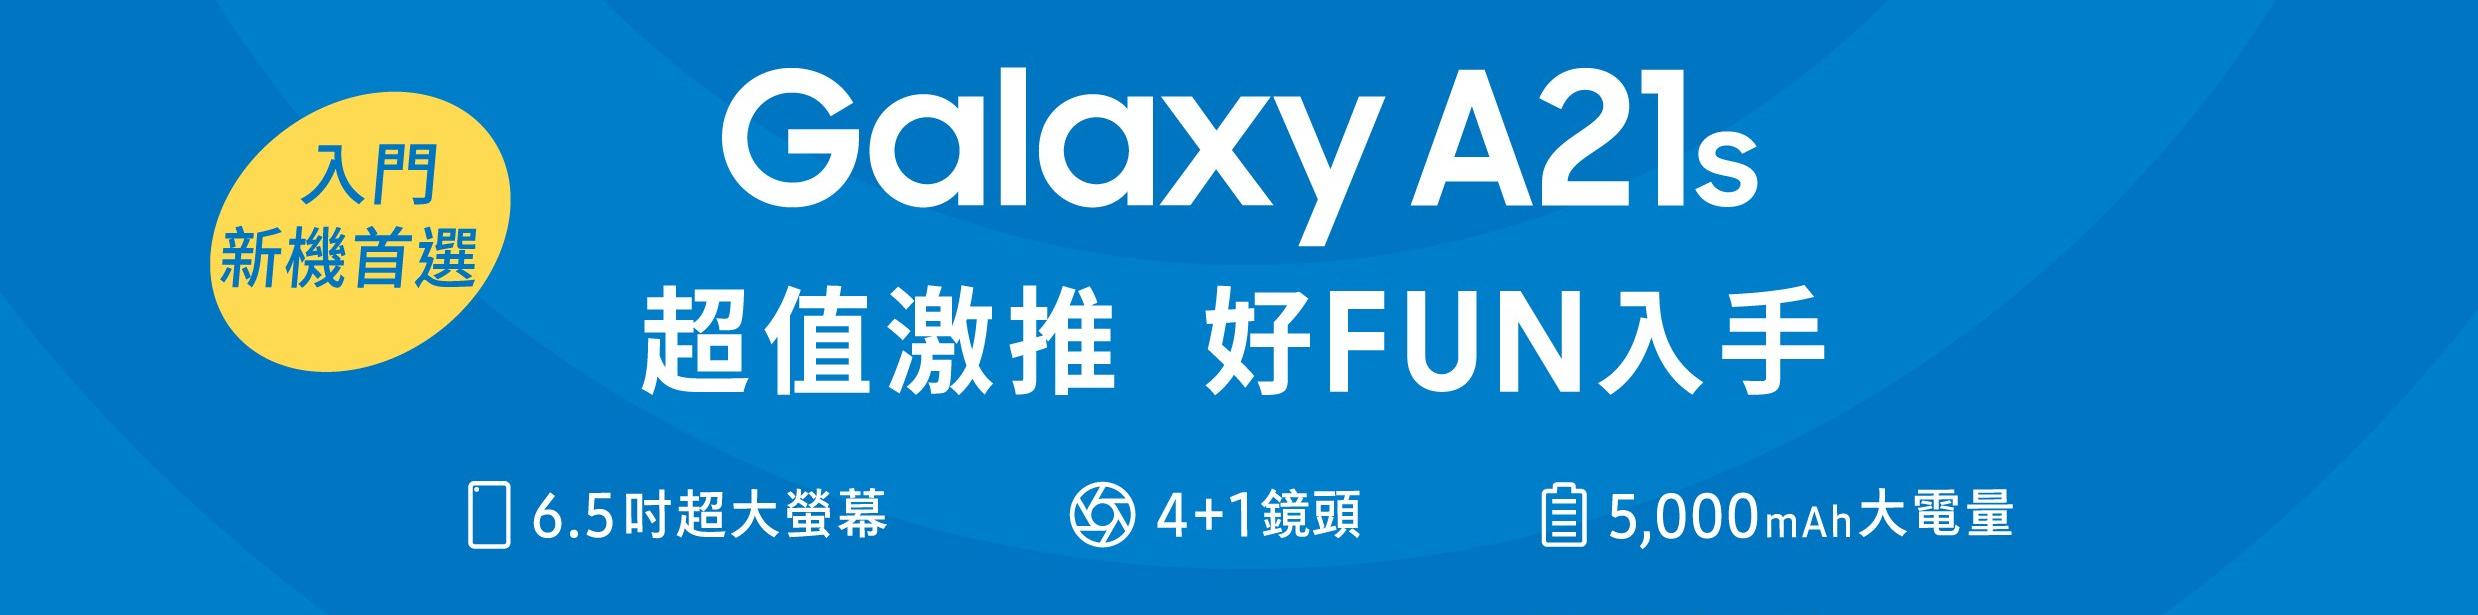 Galaxy A21s 重點特色